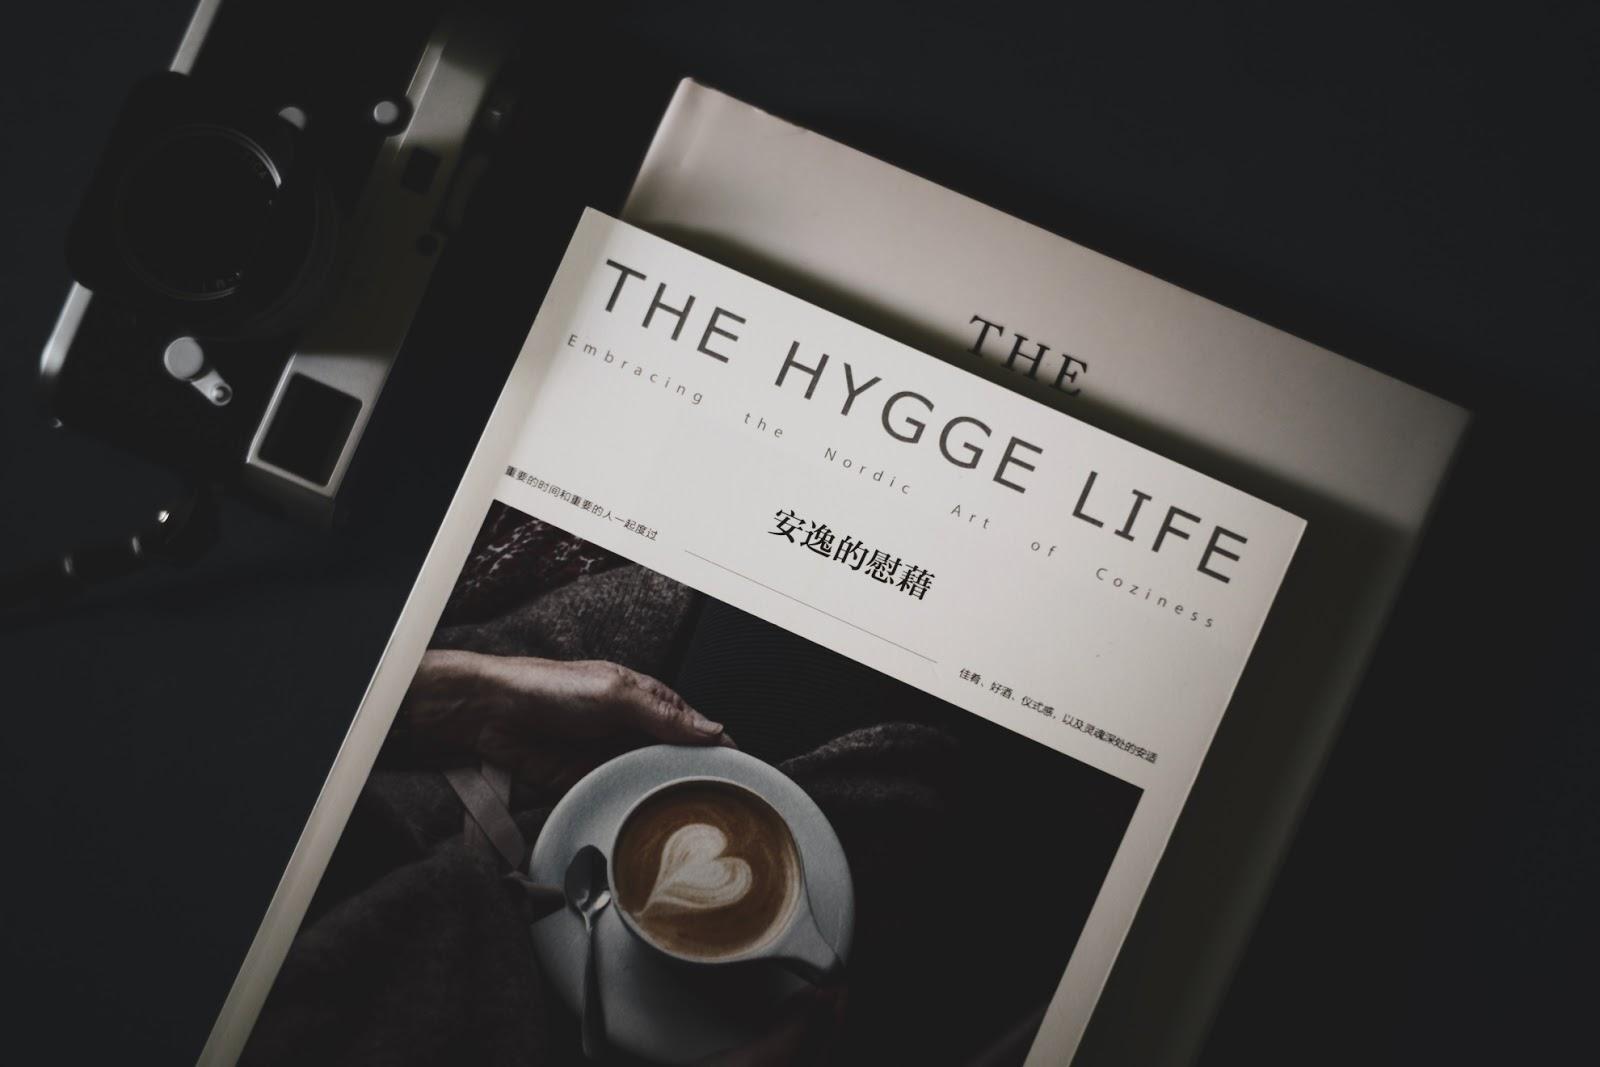 Mieszkanie w stylu Hygge